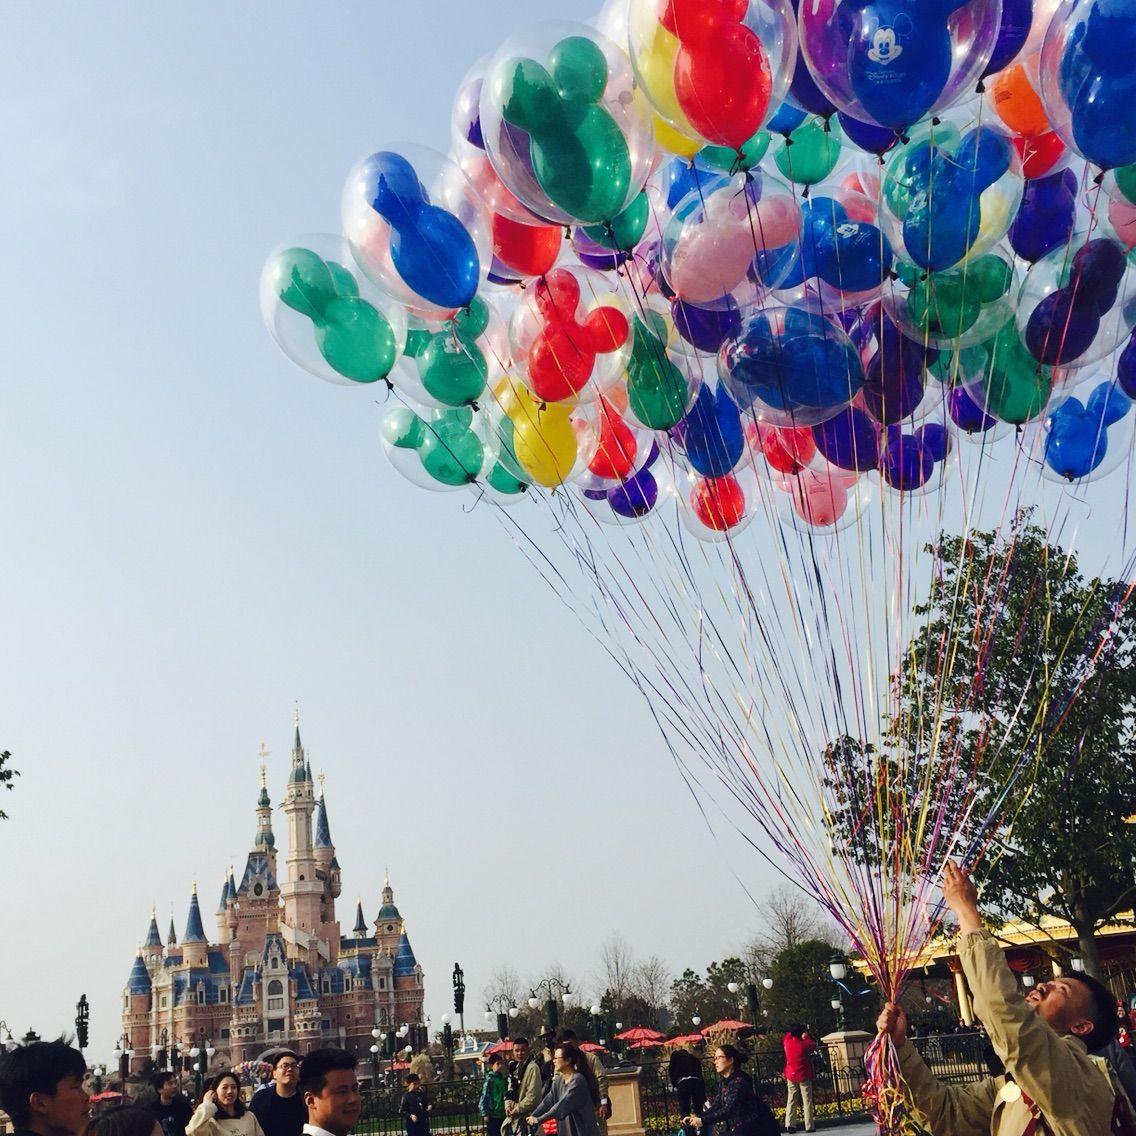 1泊2日 lcc 上海ディズニーランド旅行記 1 : どこかに行ったときにかくブログ